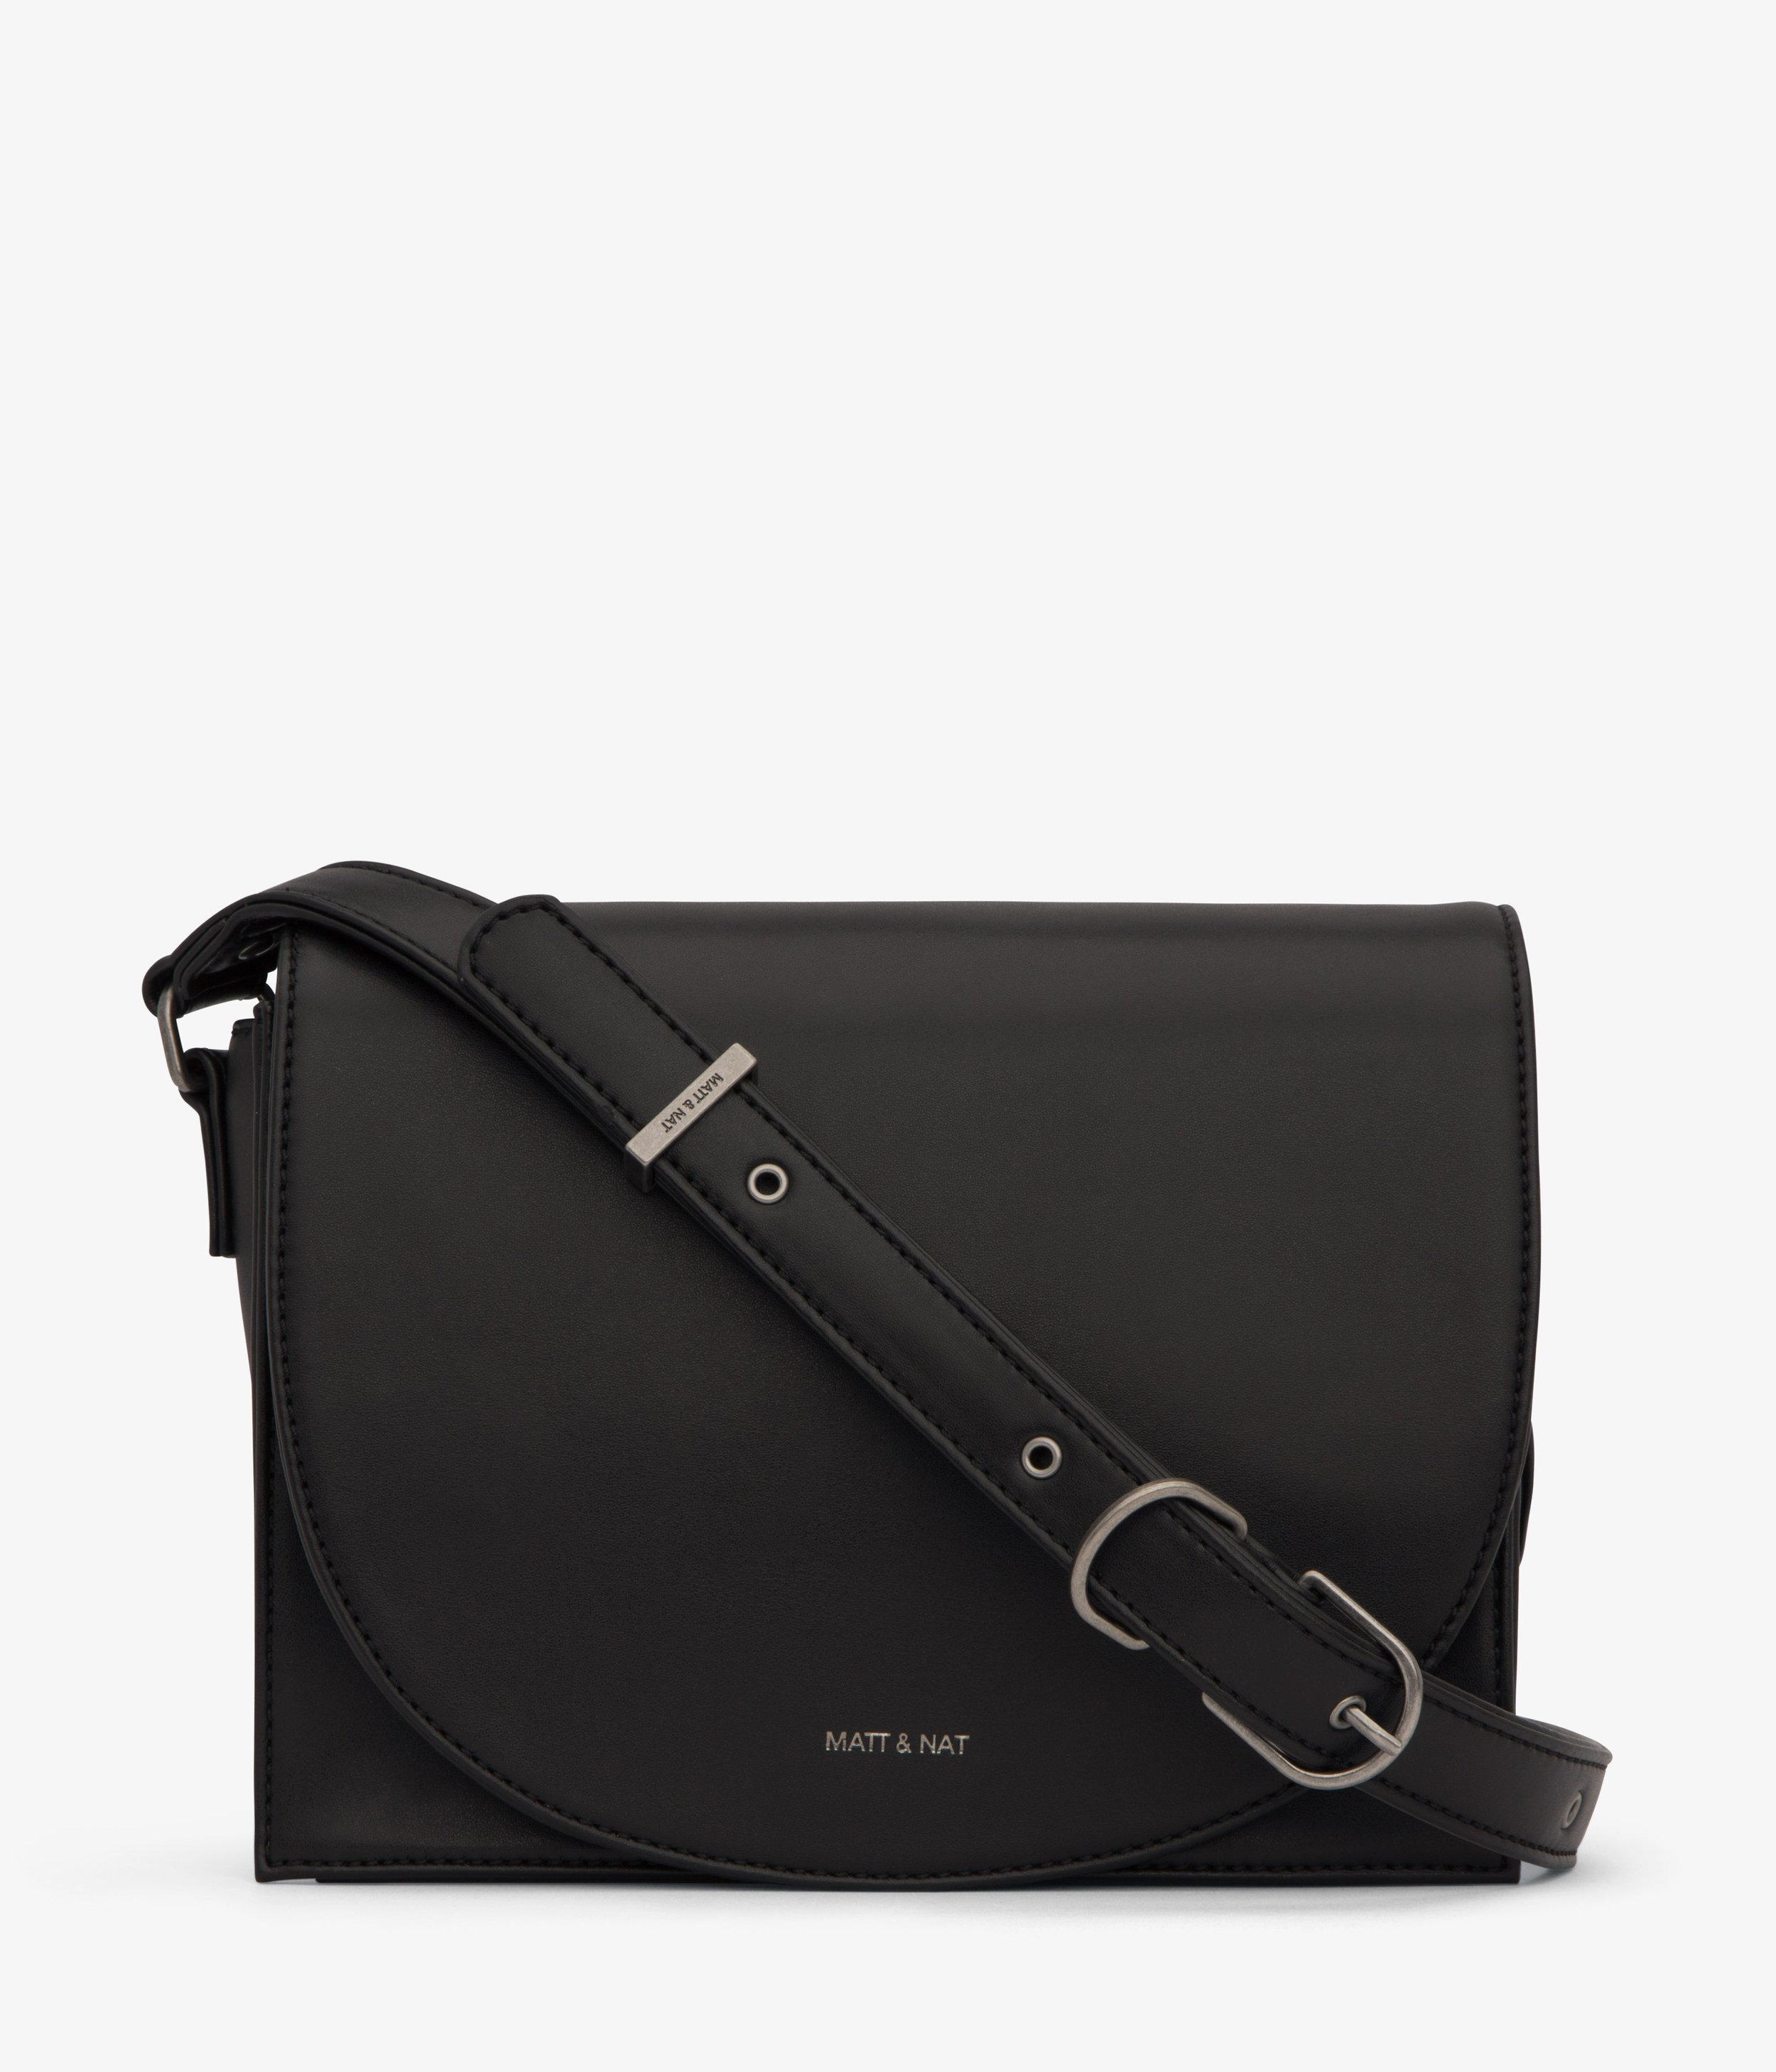 Calla in Black - $130